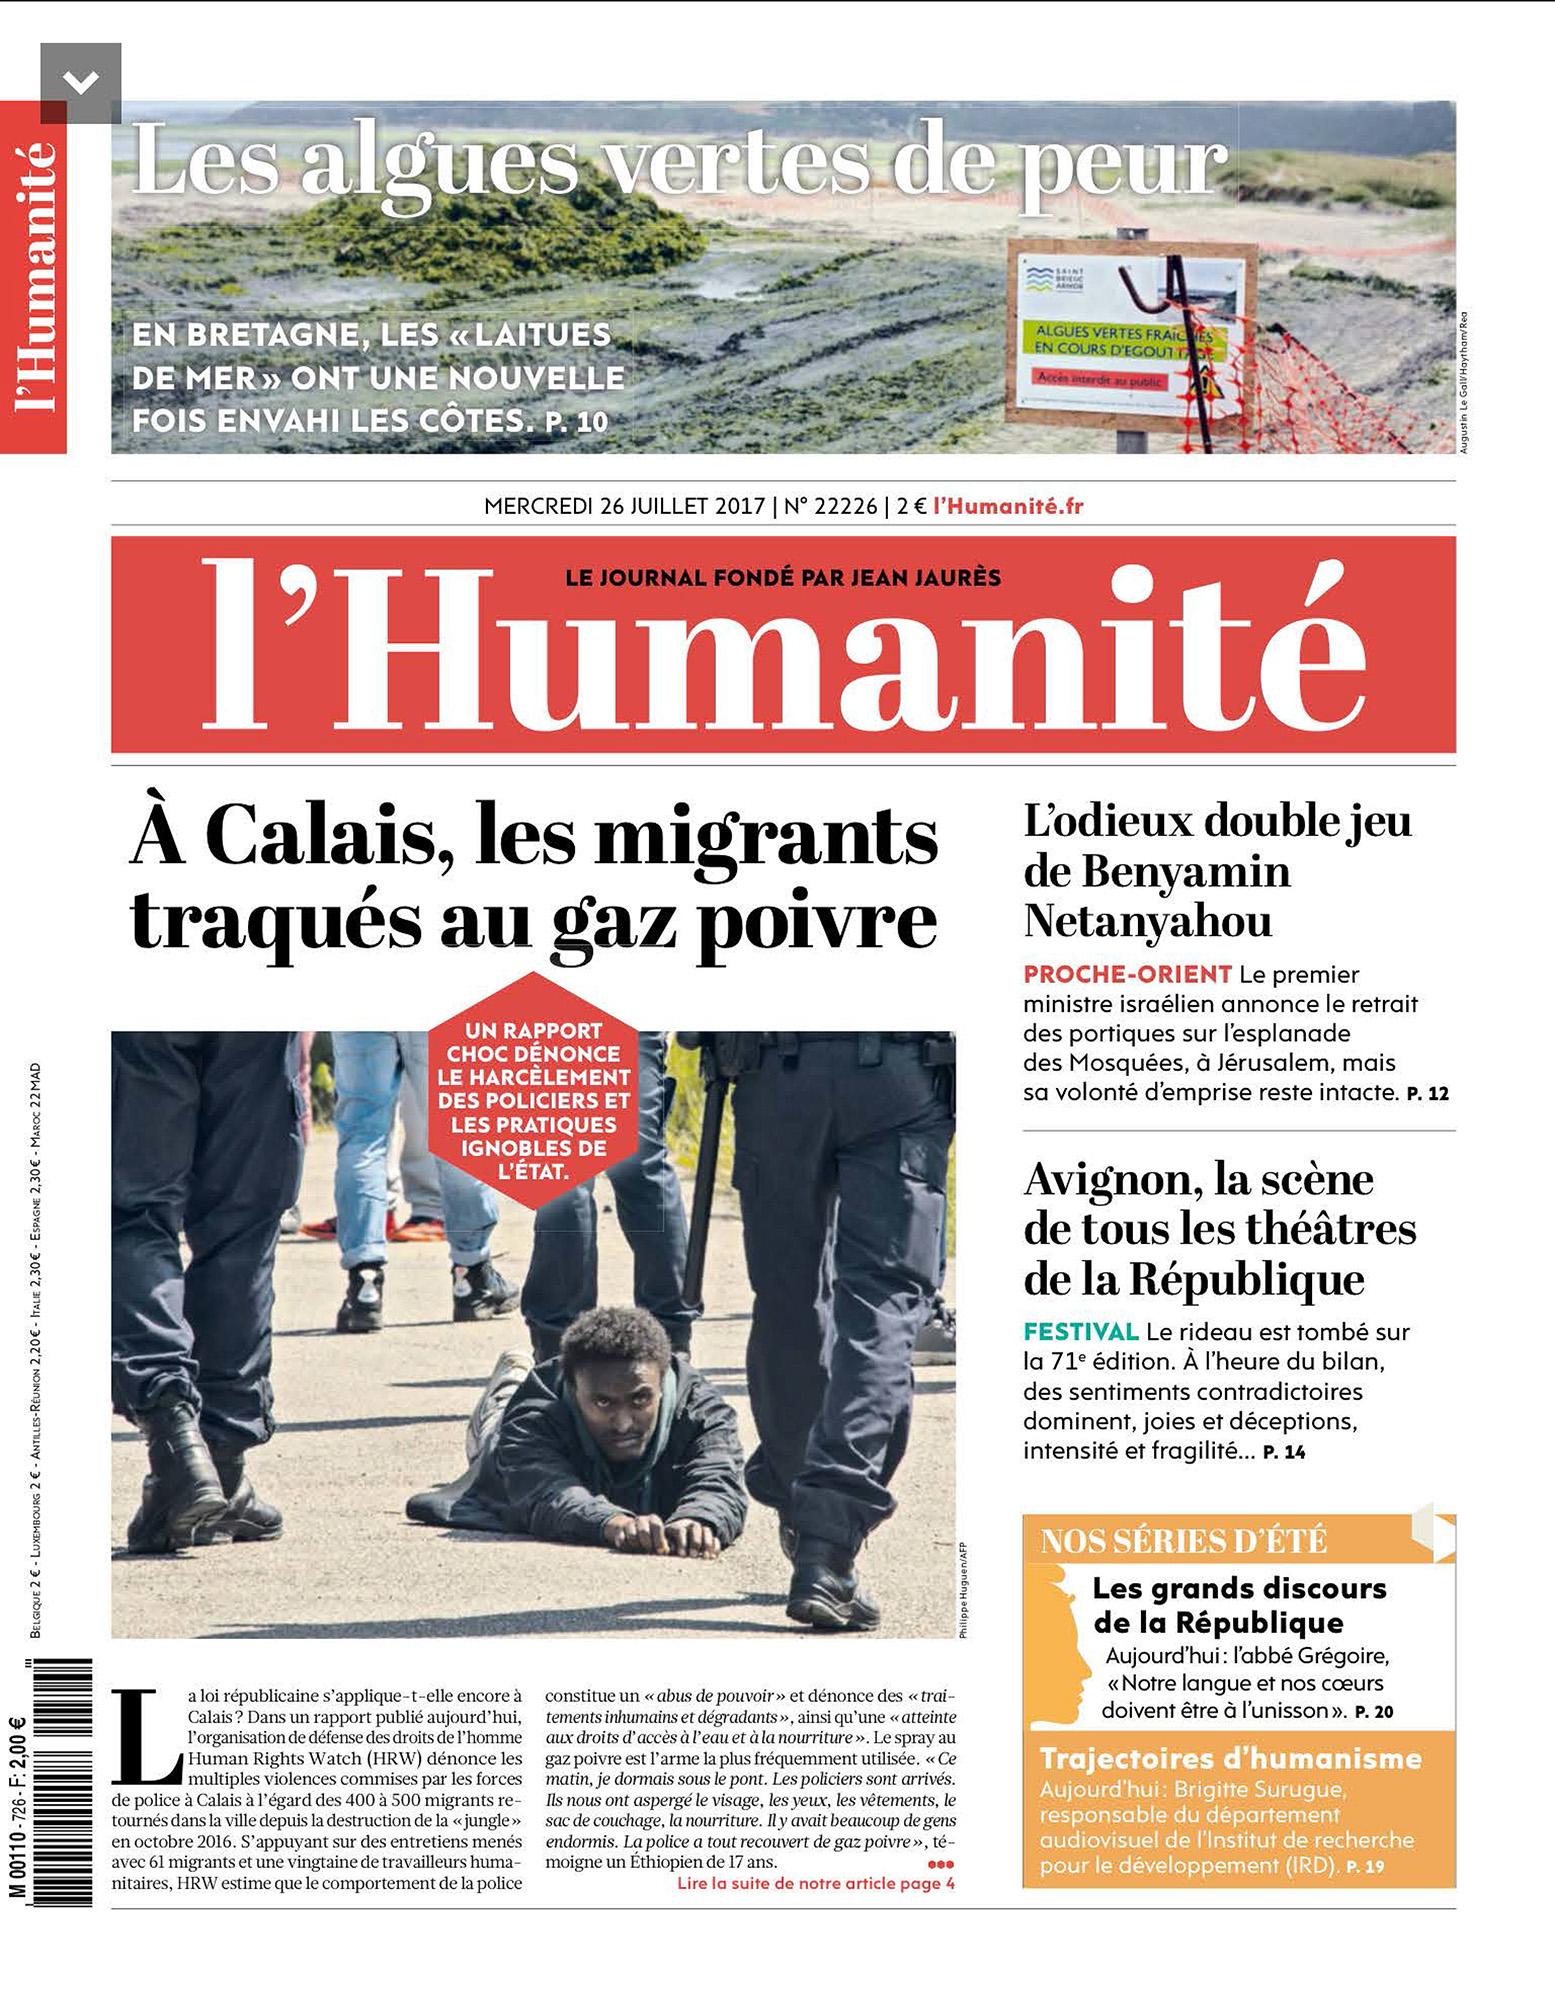 20170726_ALG-Humanite-Mercredi-26-Juillet-2017-1.jpg